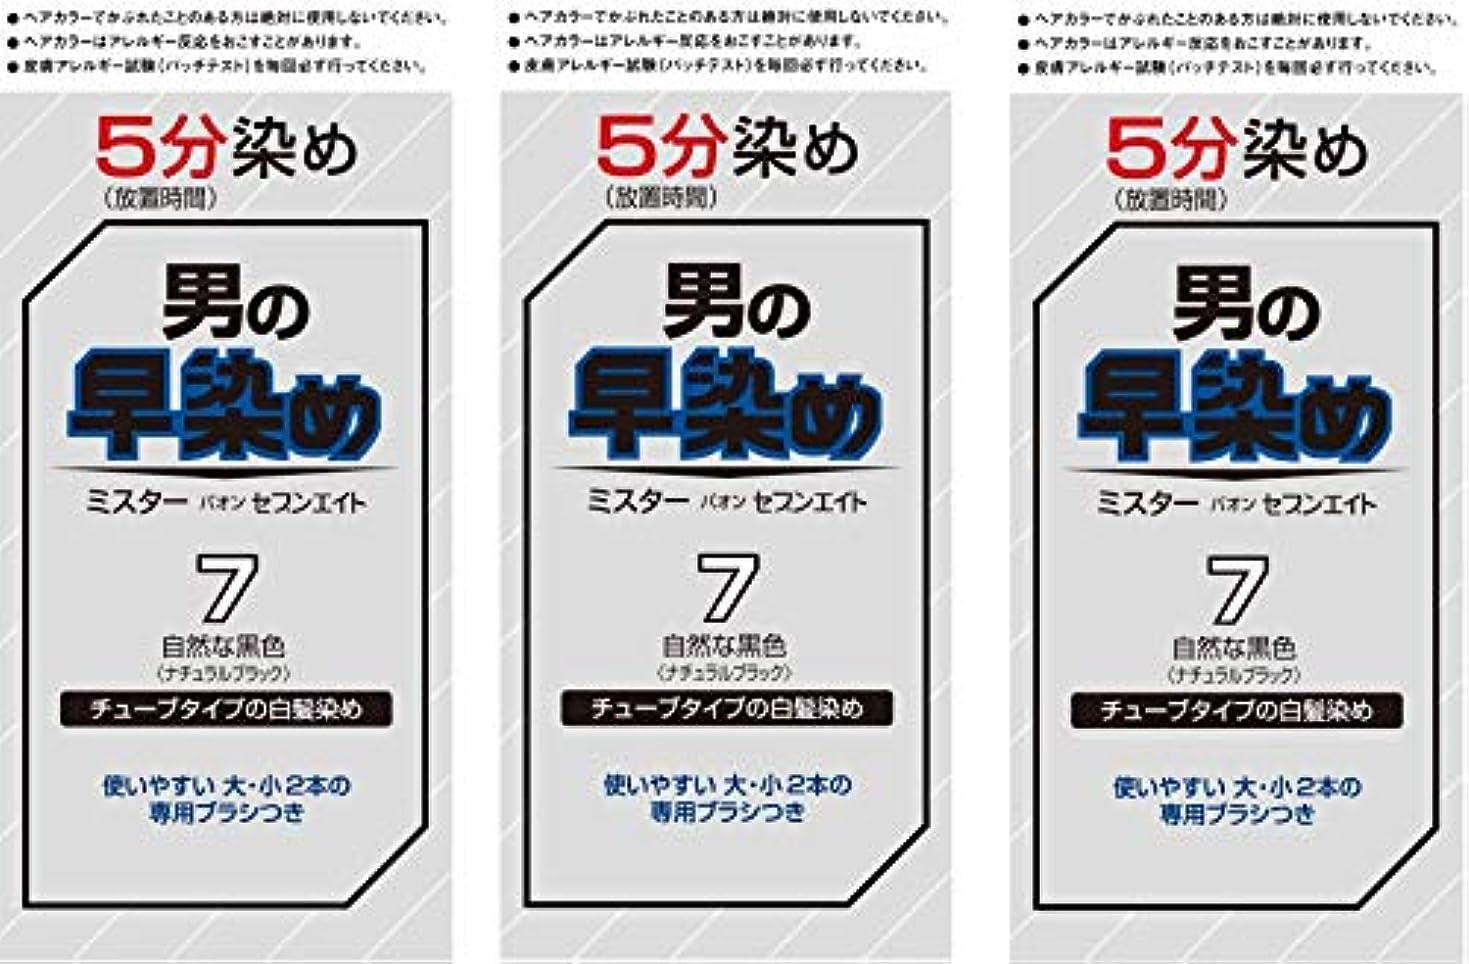 モンスターお勧め多様性【Amazon.co.jp限定】 ミスターパオン セブンエイト 7 自然な黒色 3個パックおまけ付き[医薬部外品] ヘアカラー 7自然な黒色 セット (40g+40g)×3+おまけ